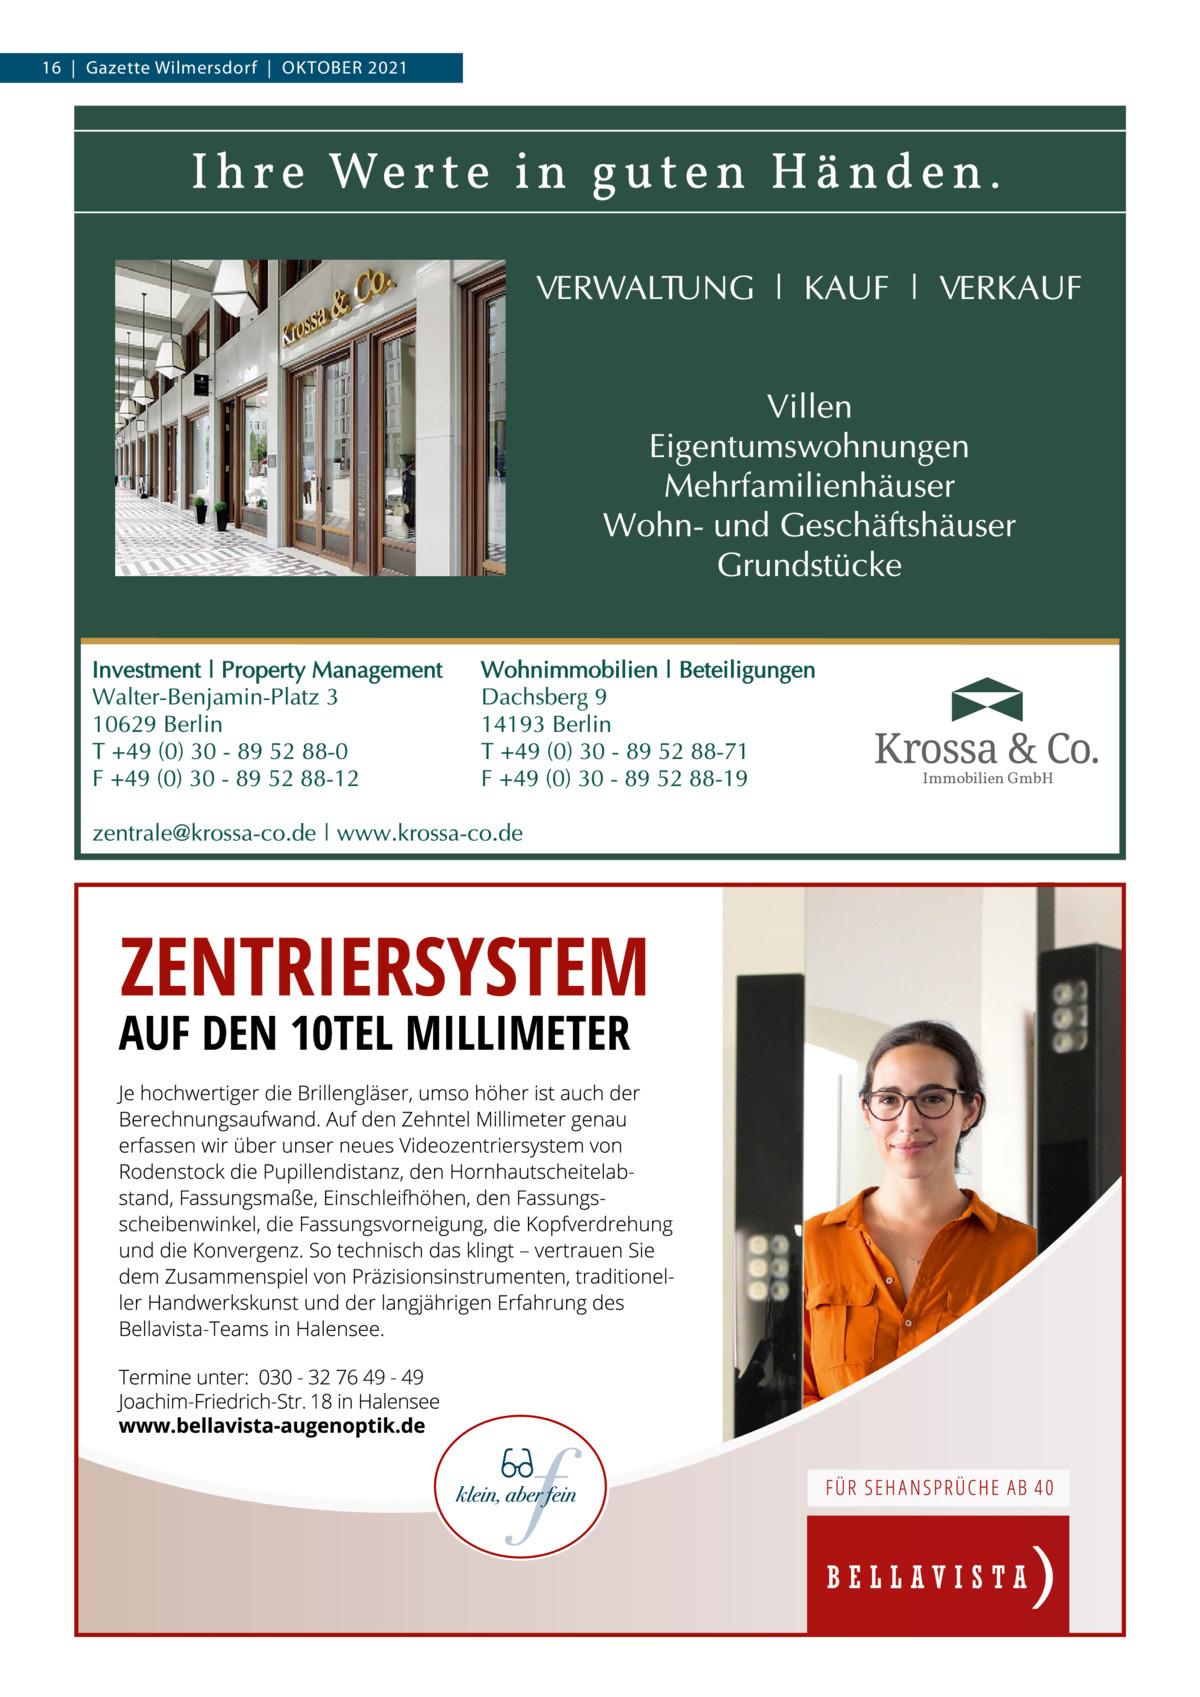 16 Gazette Wilmersdorf Oktober 2021  Immobilien GmbH